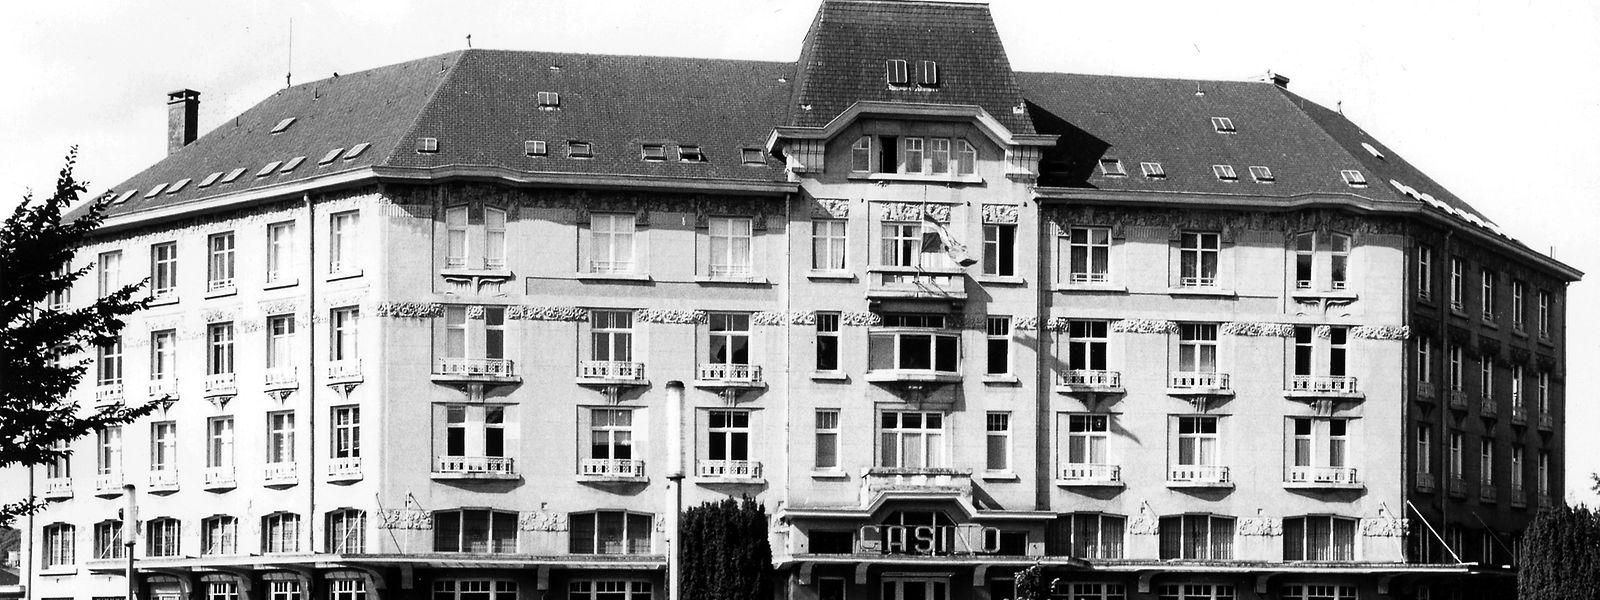 """Das heute nicht mehr existierende """"Palace-Hotel"""" von Bad Mondorf beherbergte im Sommer 1945 eine größere Gruppe Nazi-Kriegsverbrecher.  (Aufnahme aus dem Jahr 1971)"""